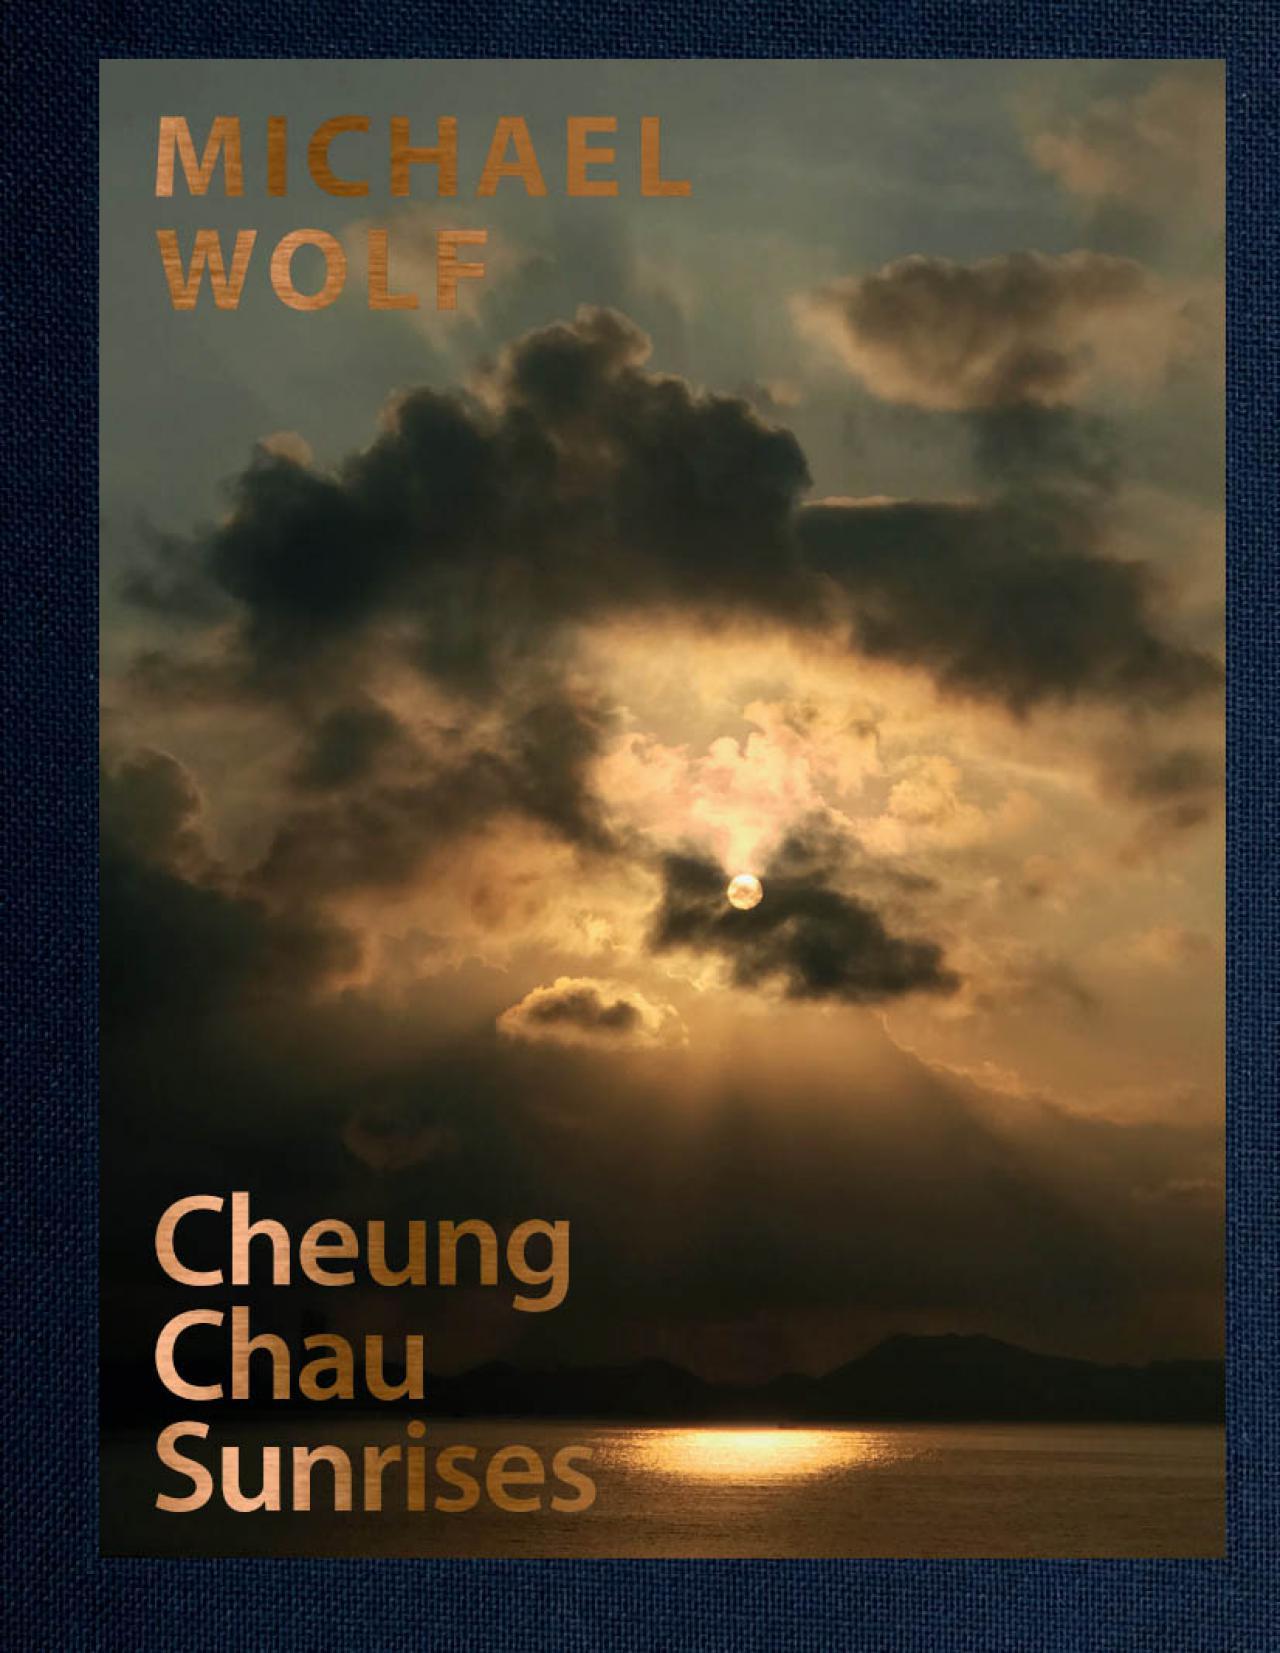 Michael Wolf: Cheung Chau Sunrises